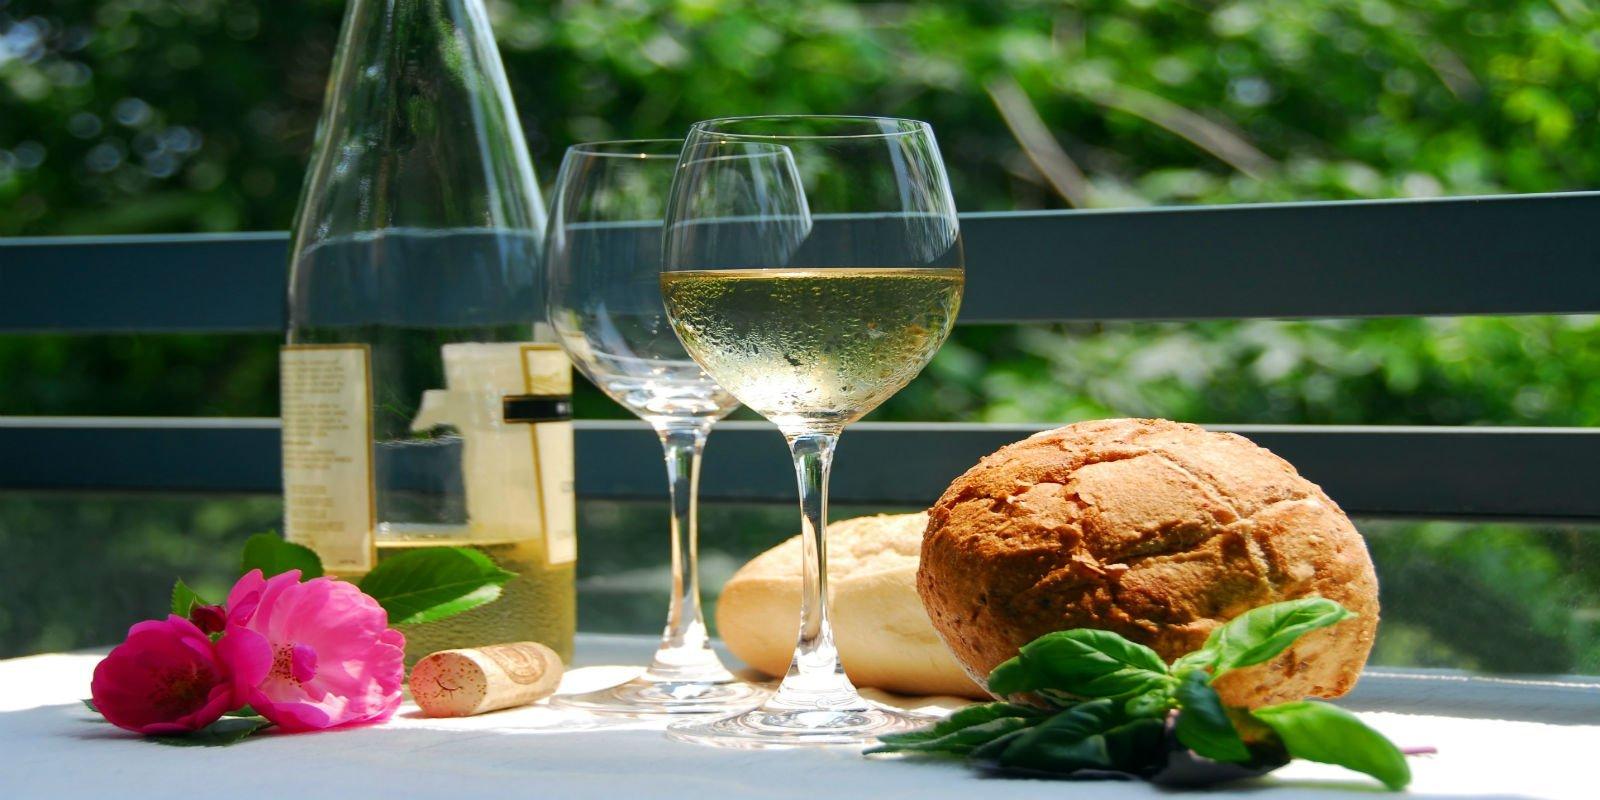 Pane, formaggio, vino bianco e fiori